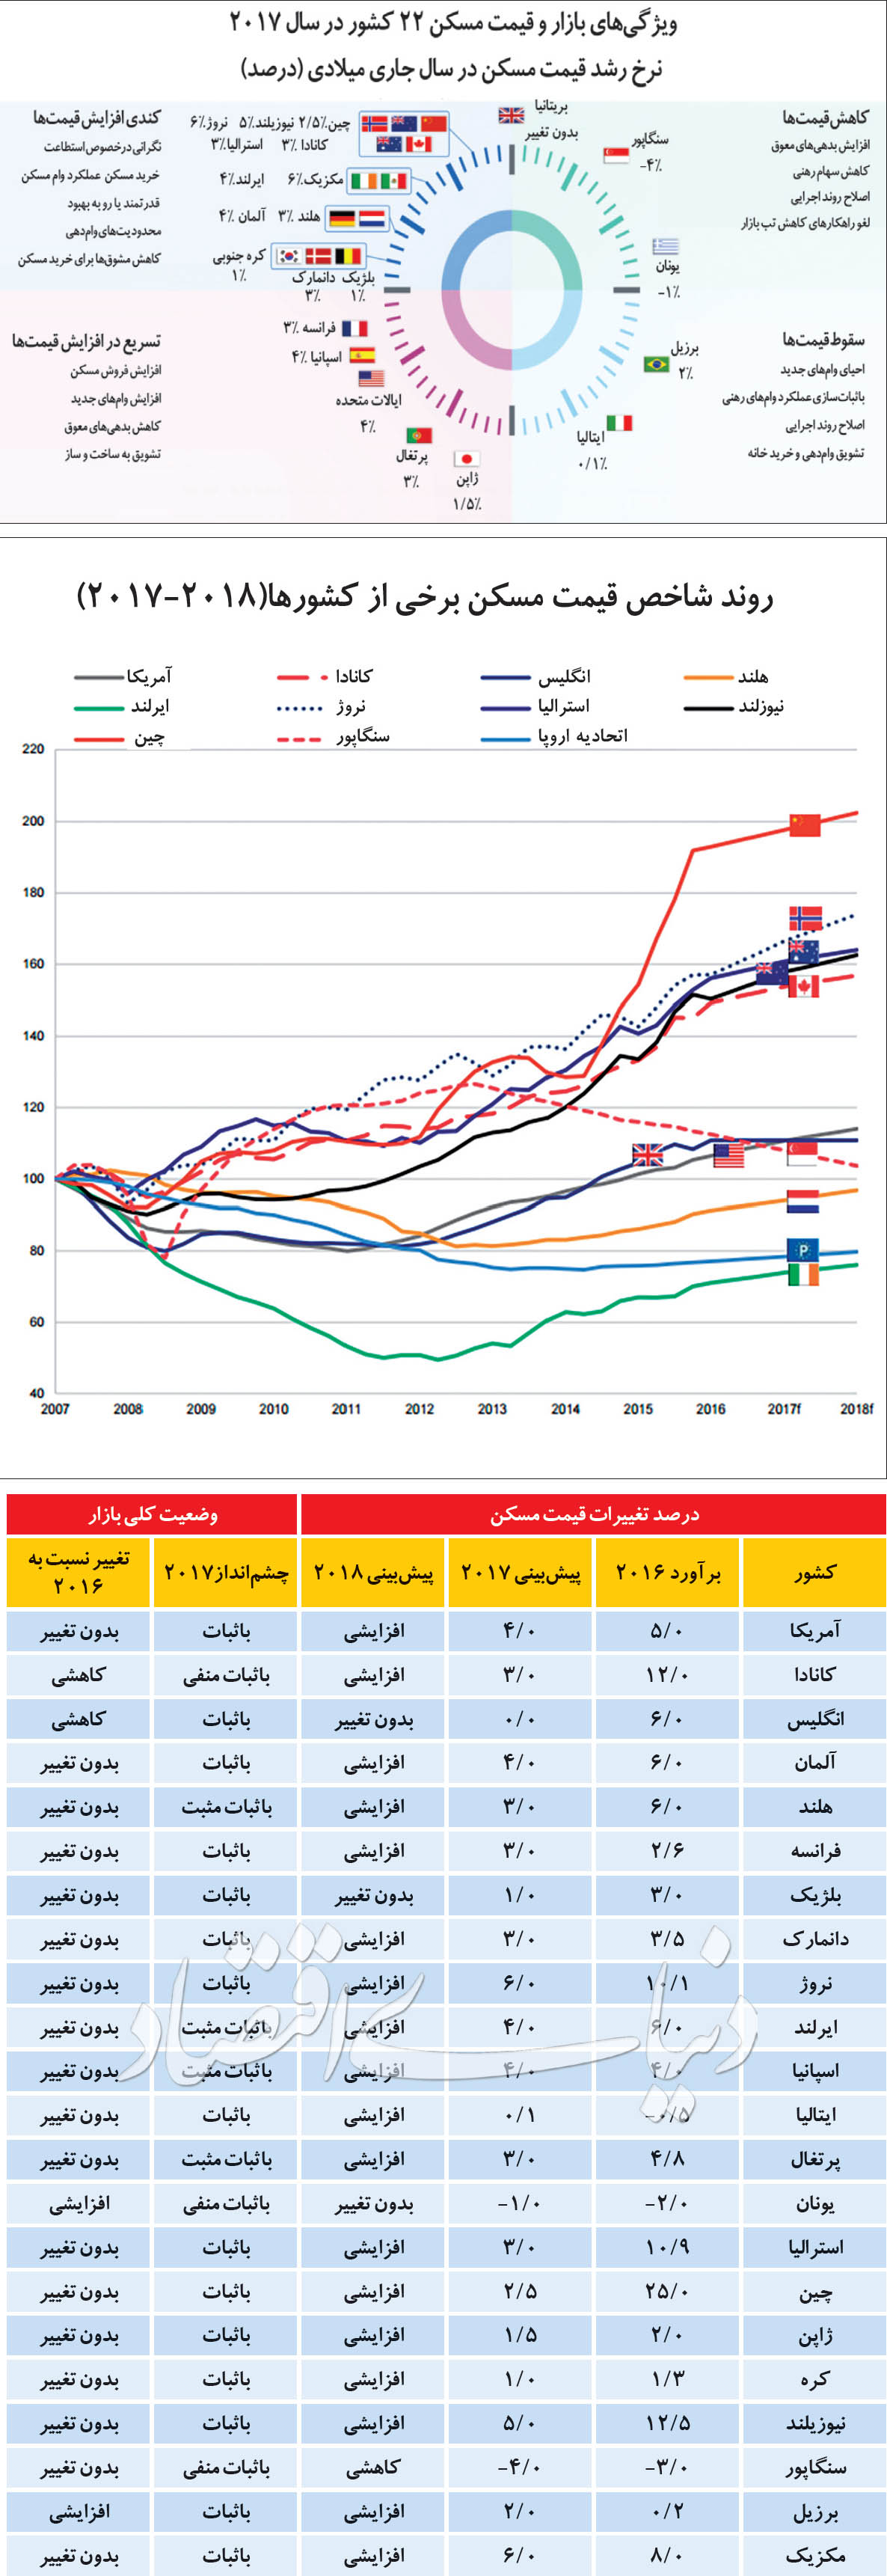 دورنمای قیمت املاک جهان